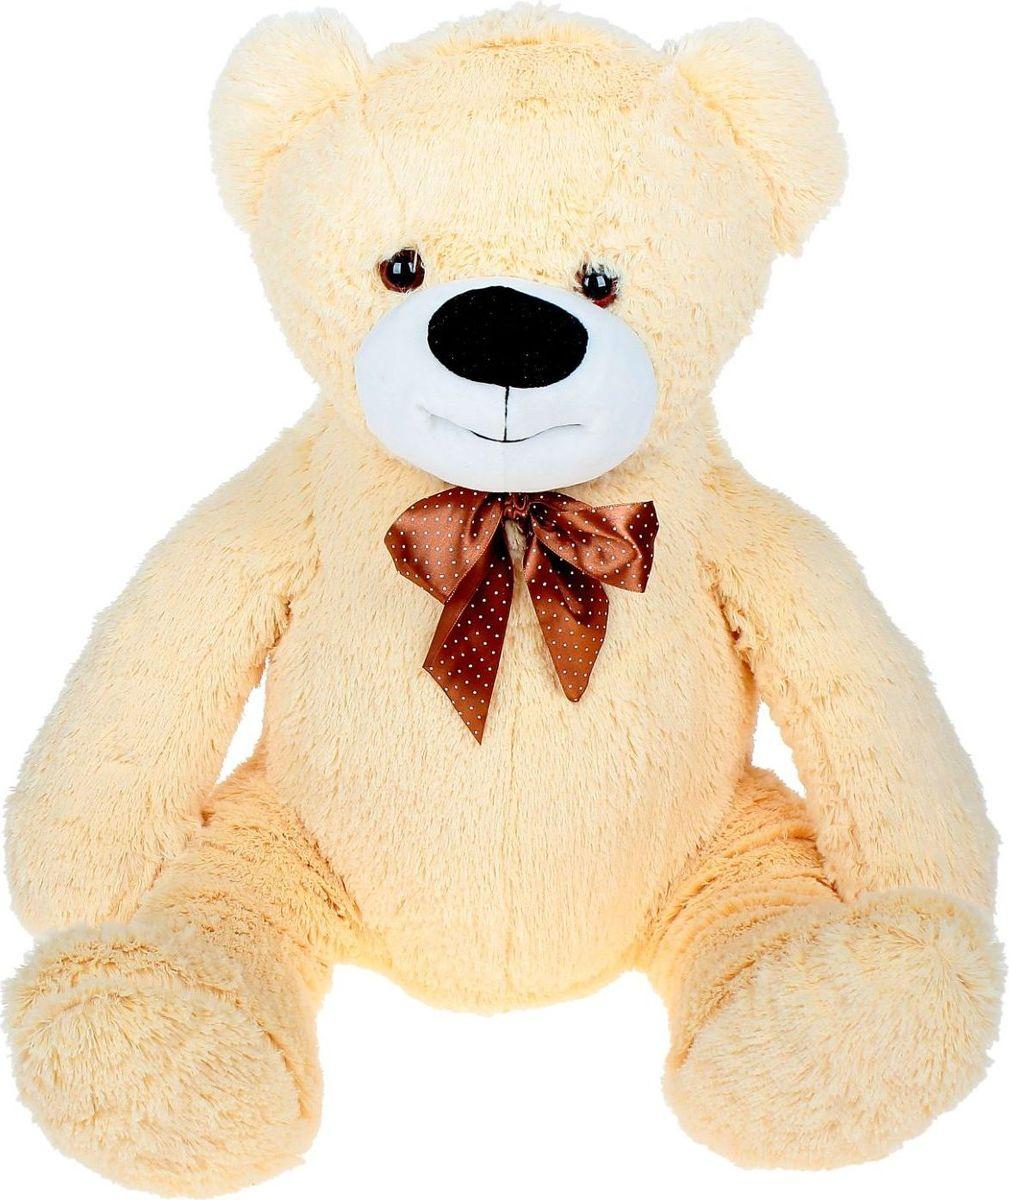 Купить Sima-land Мягкая игрушка Медведь игольчатый цвет бежевый 60 см, Мягкие игрушки